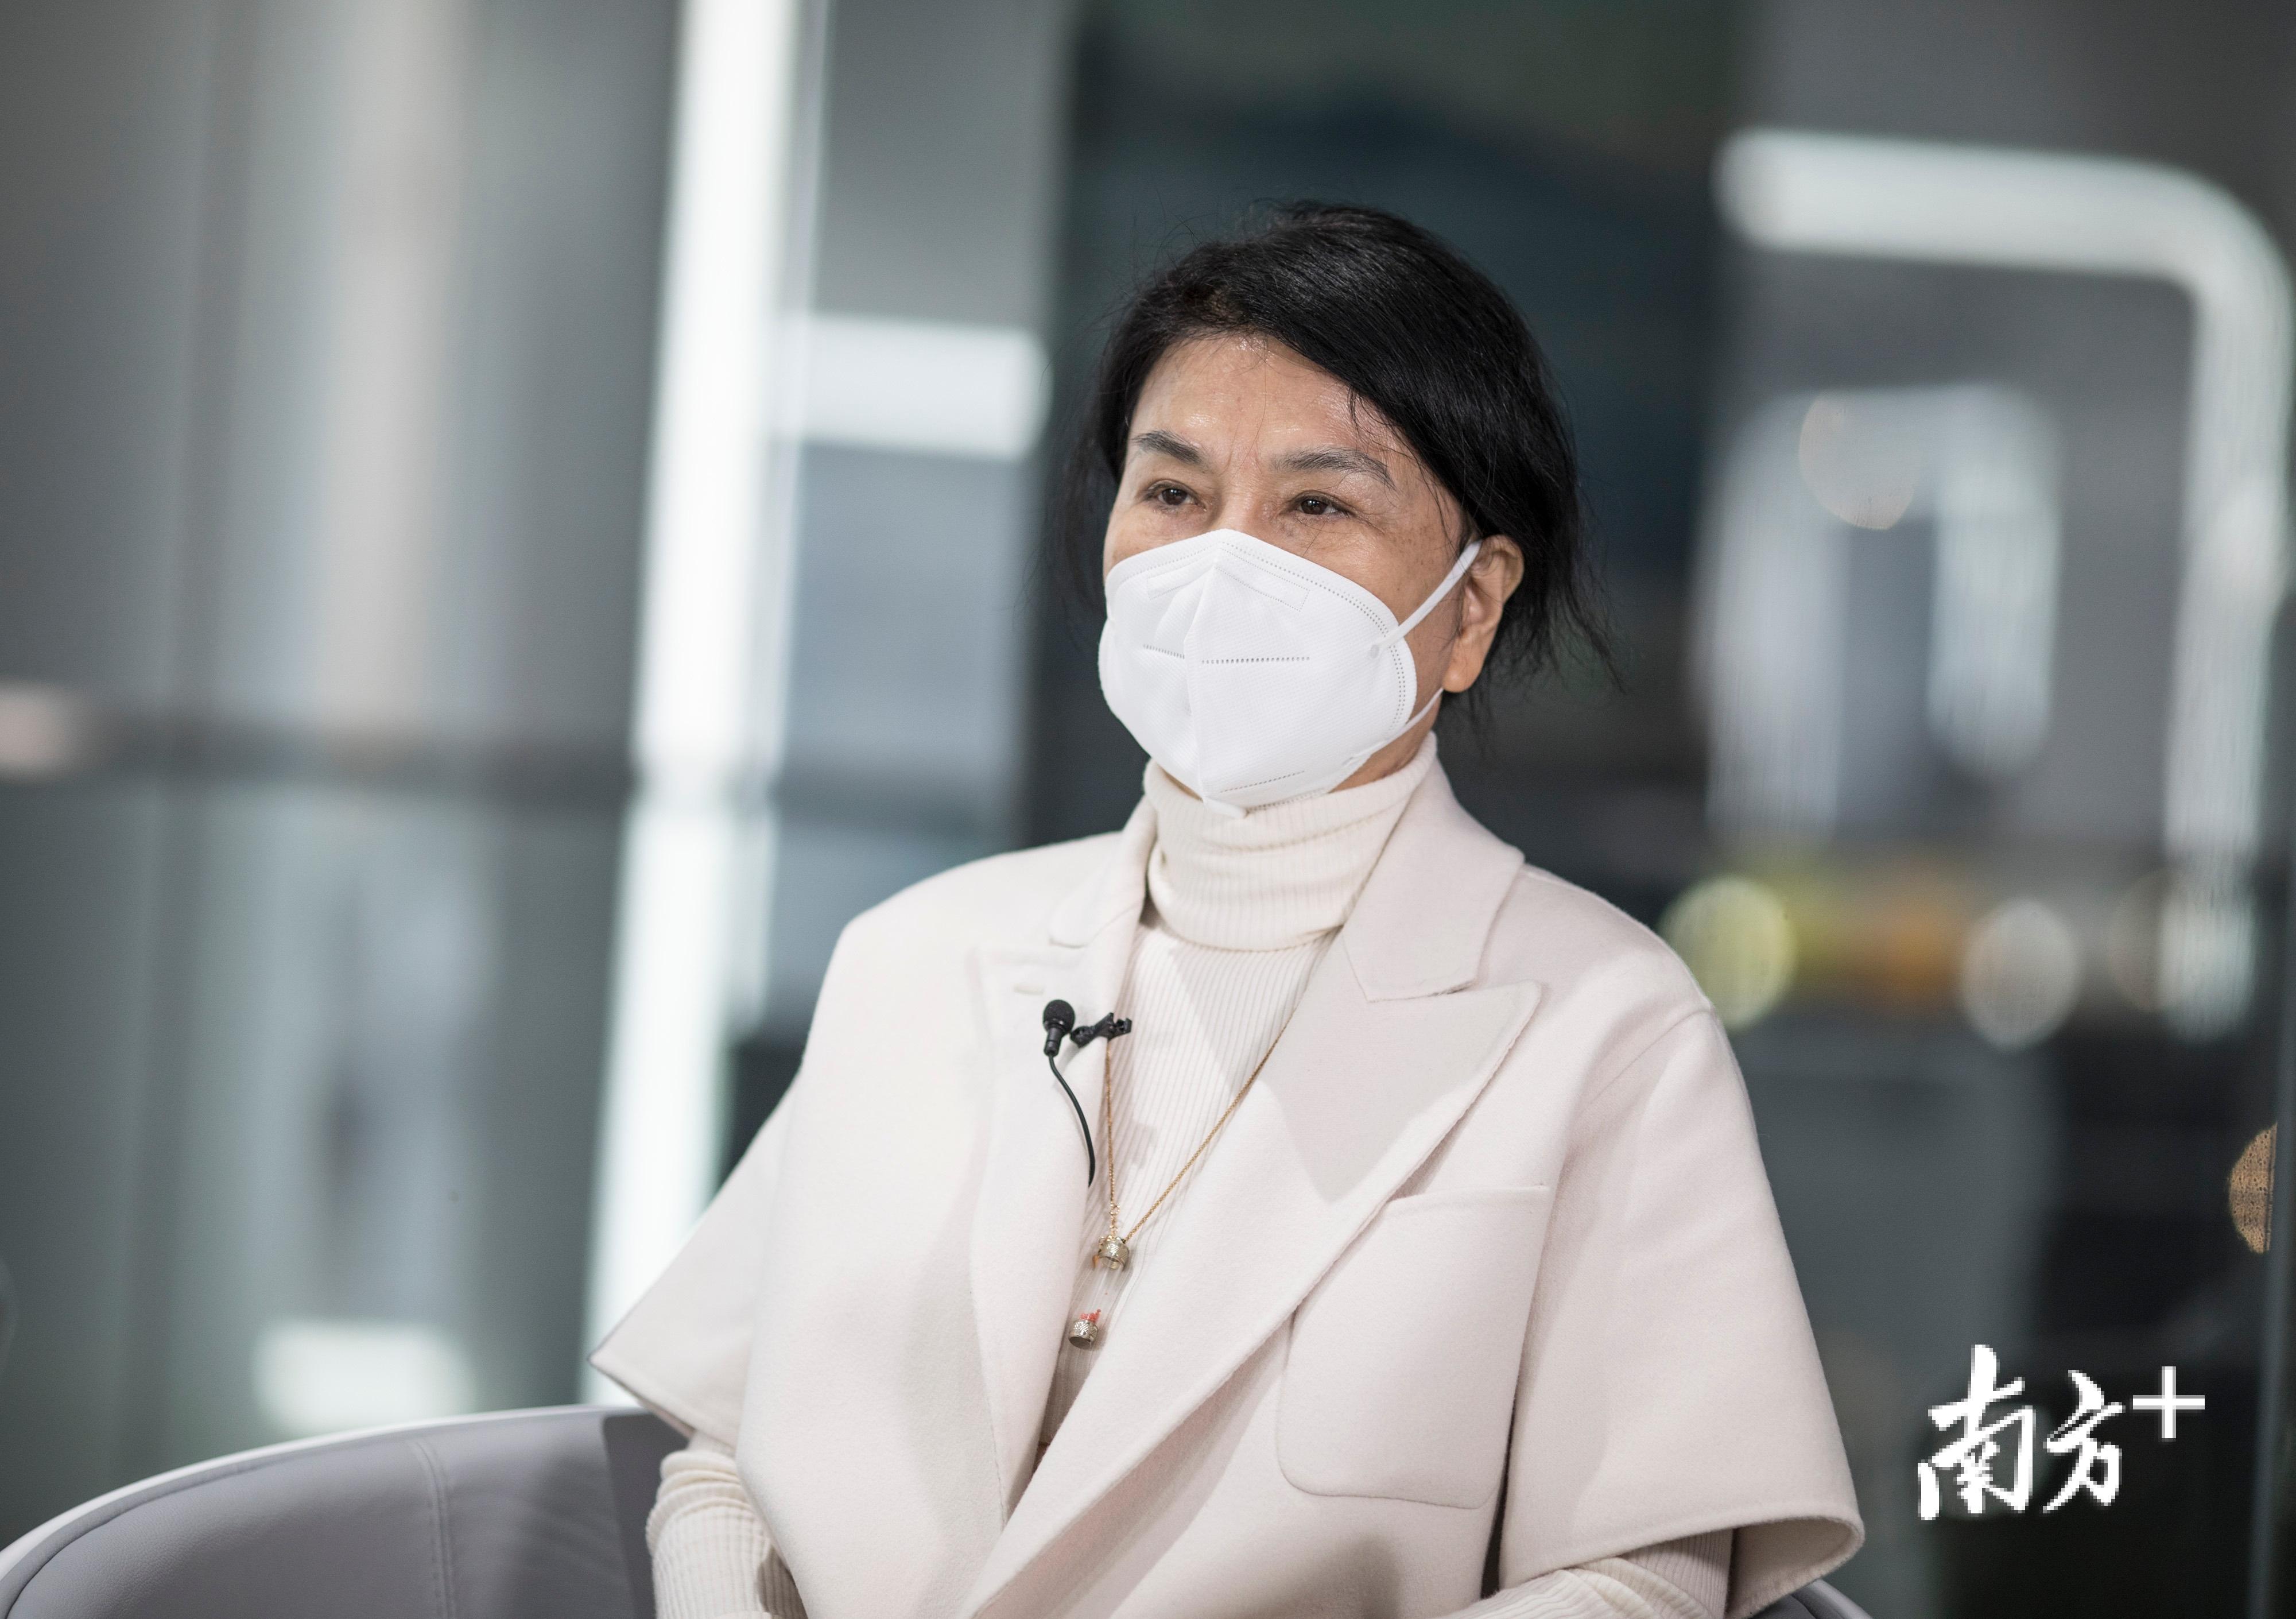 格力电器董事长董明珠。南方日报记者 张由琼 姚志豪 摄